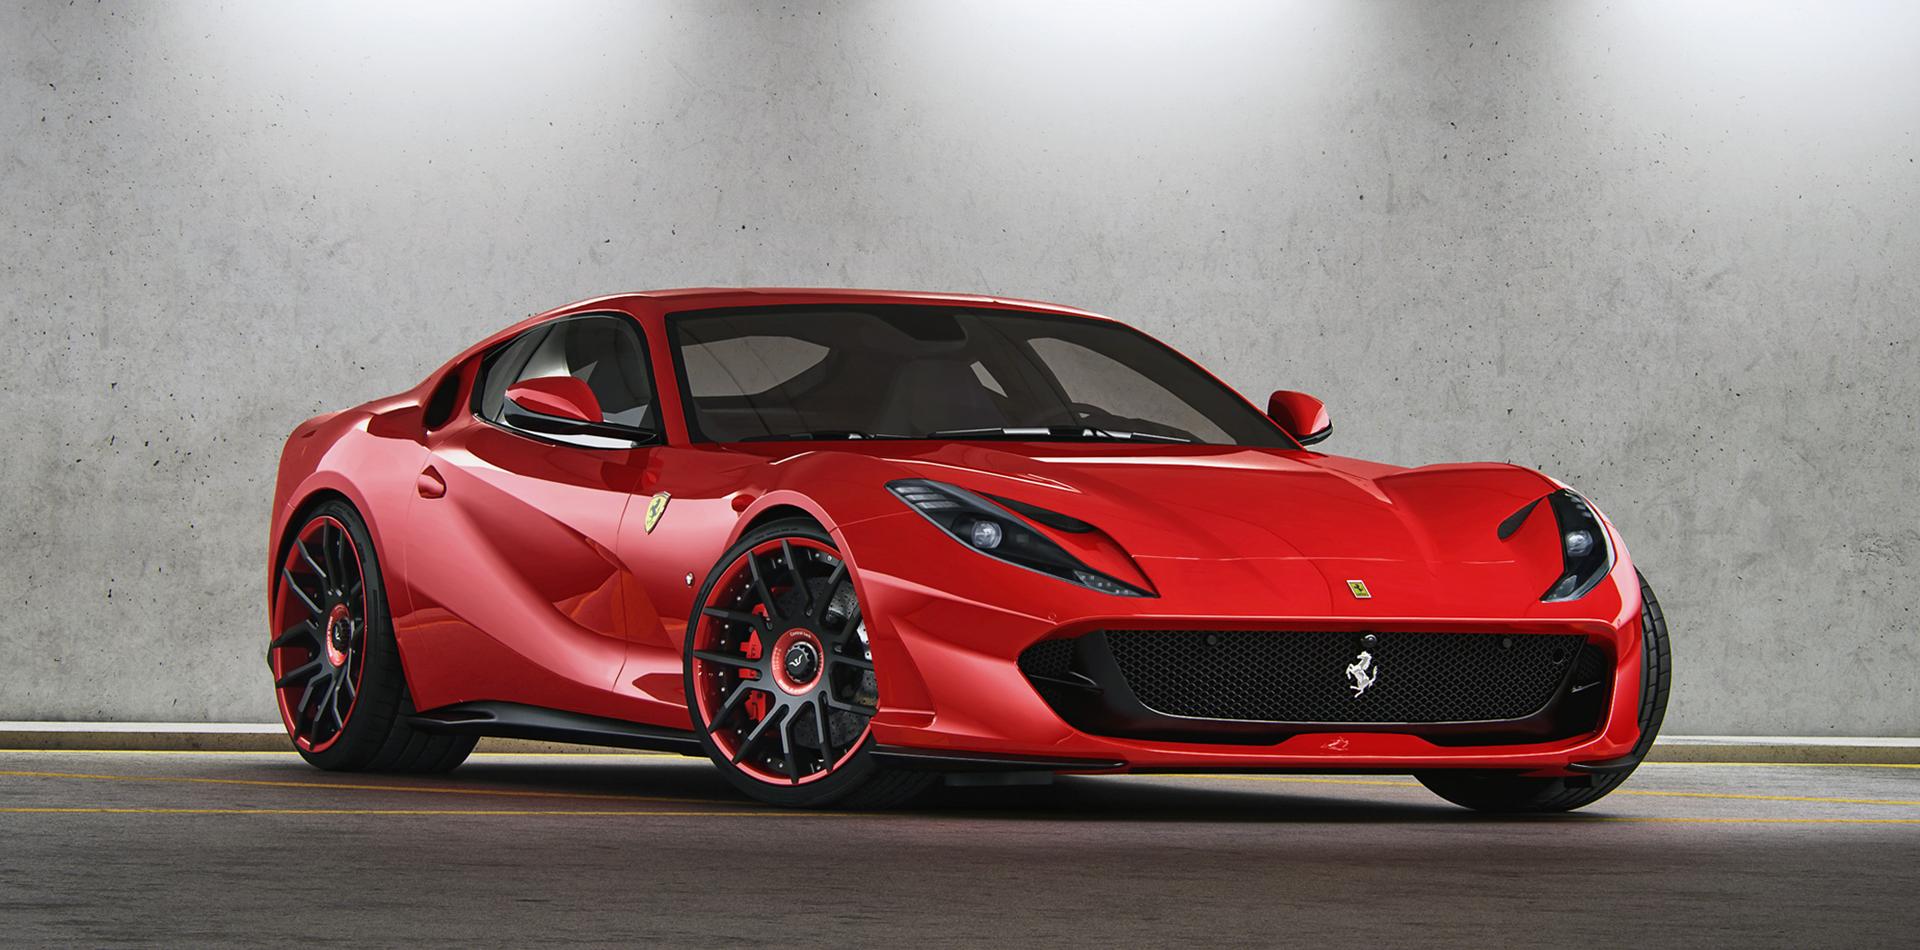 Хочется отметить, что автомобиль оснащается мотором V12, генерирующим 800 л.с. и 718 Нм крутящего момента